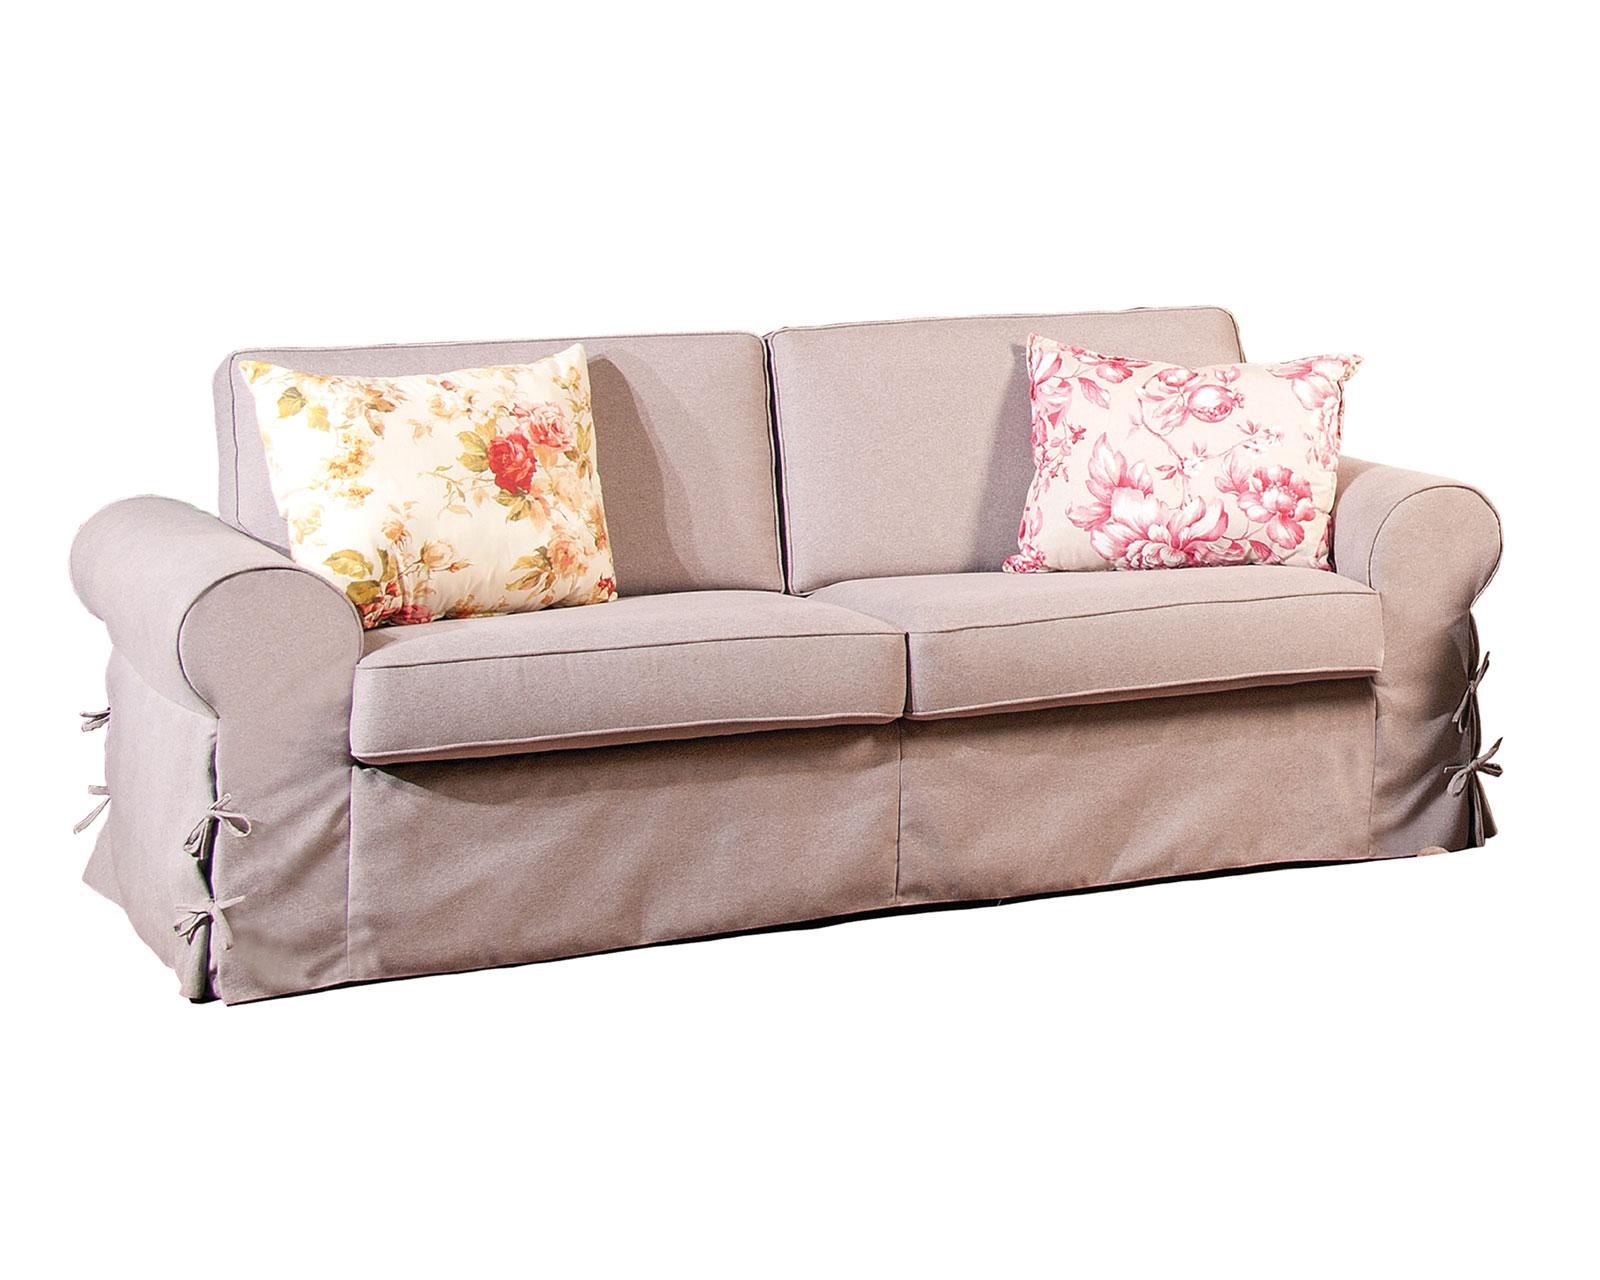 Canapea Sydney 2 locuri extensibilă